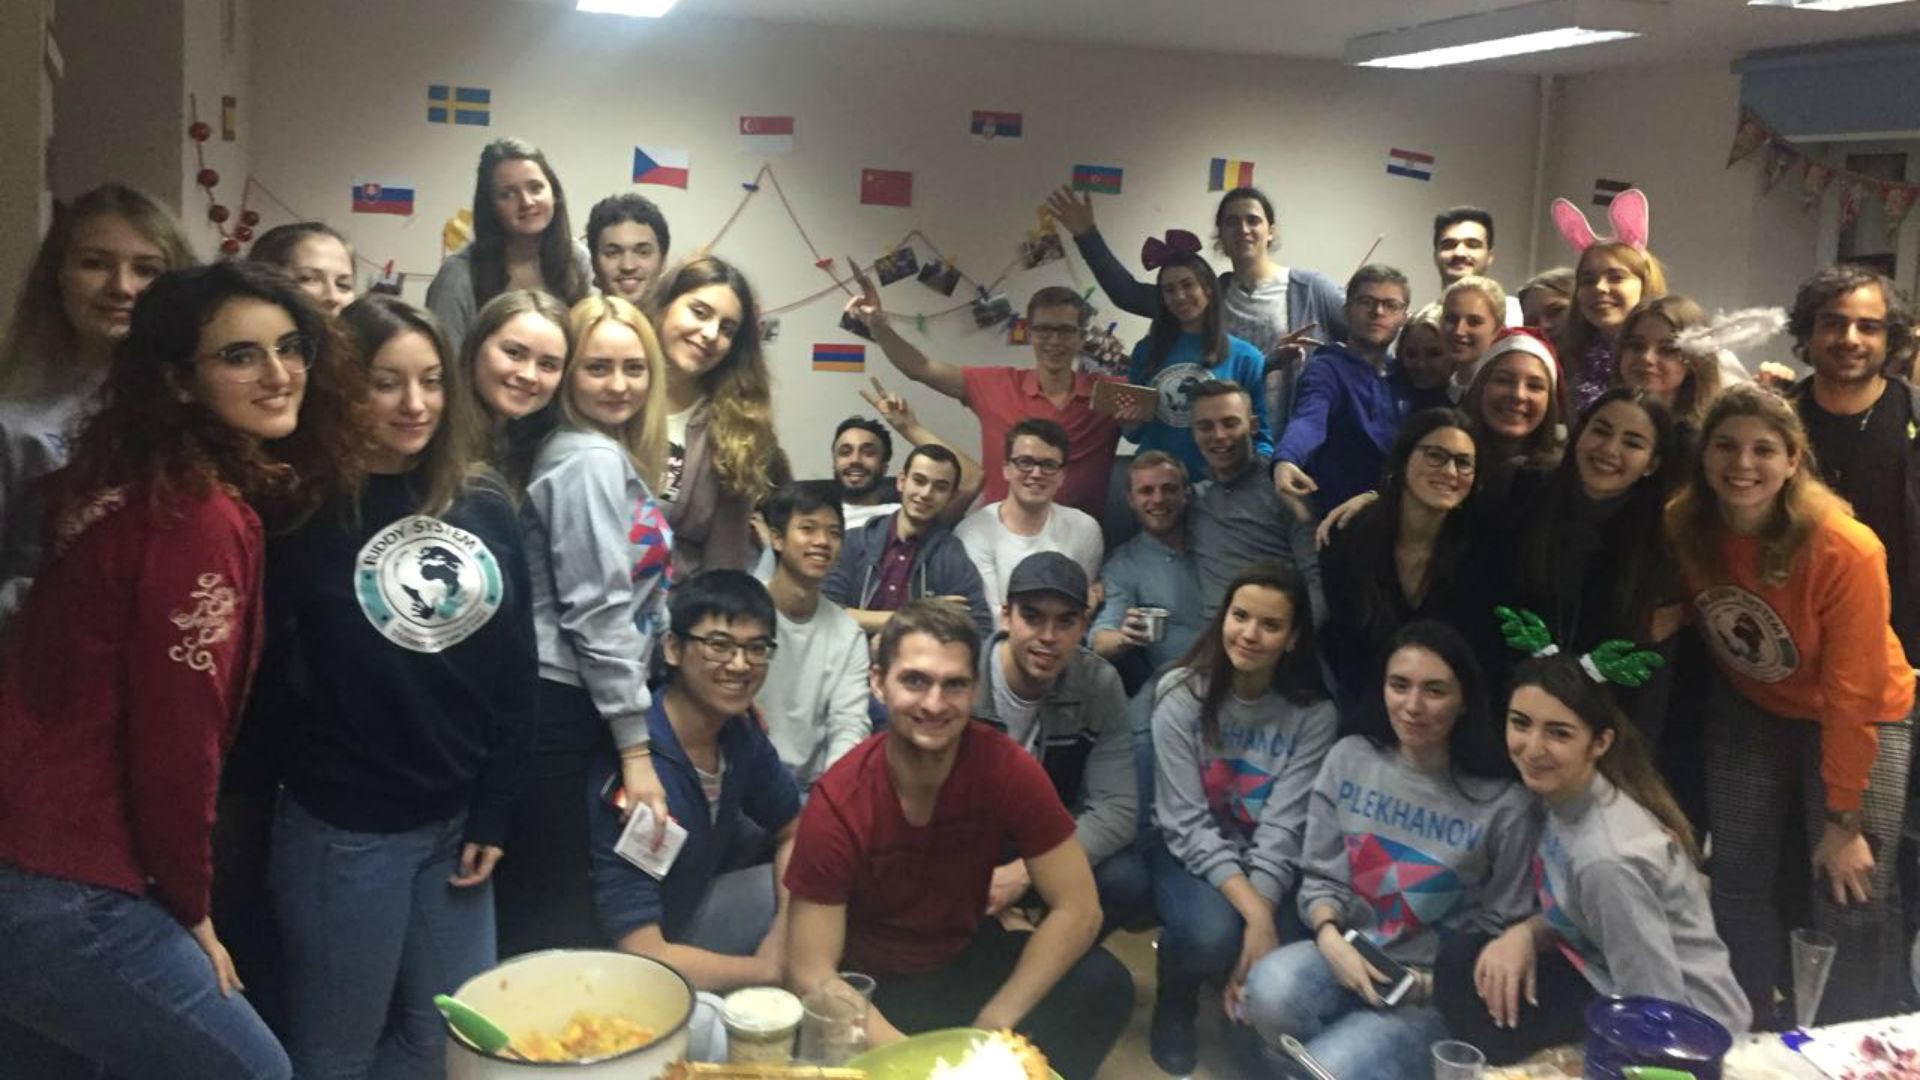 Les étudiants internationaux de Plekhanov dans la salle commune de l'obchejitie